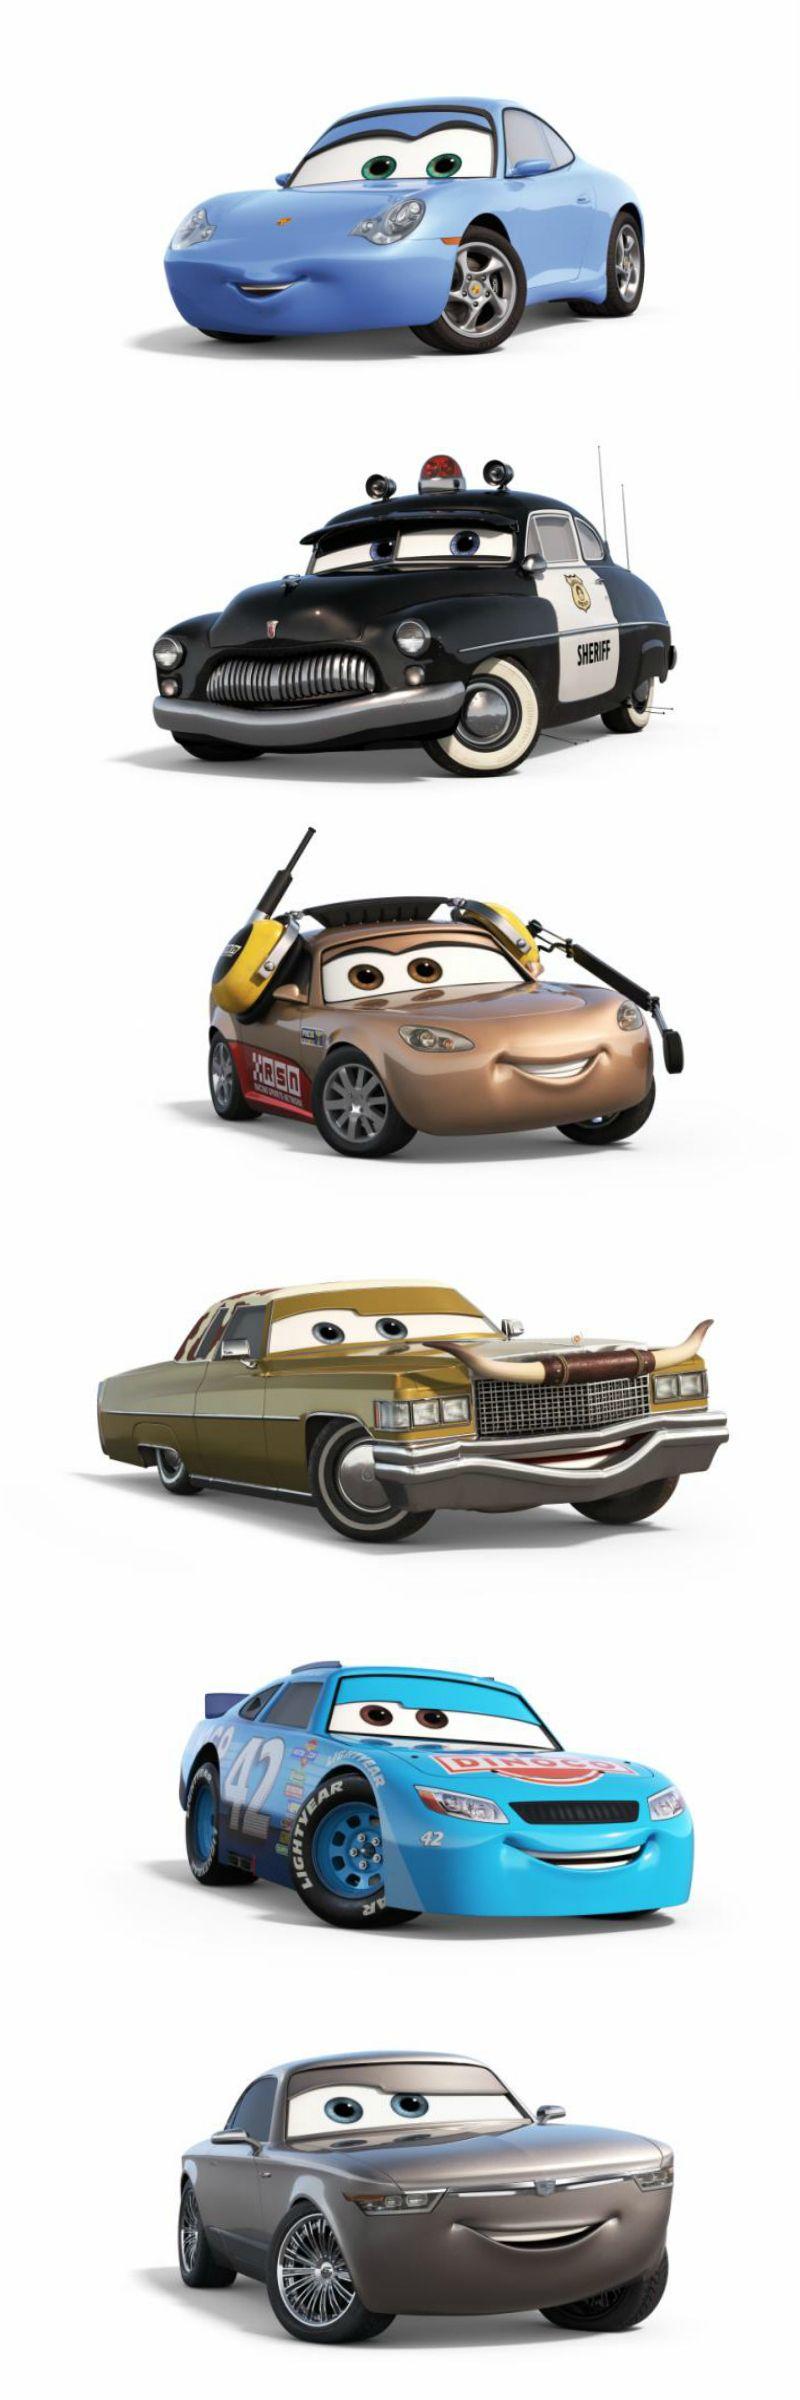 New Trailer For Disney Pixar Cars 3 Carros Da Disney Imagens De